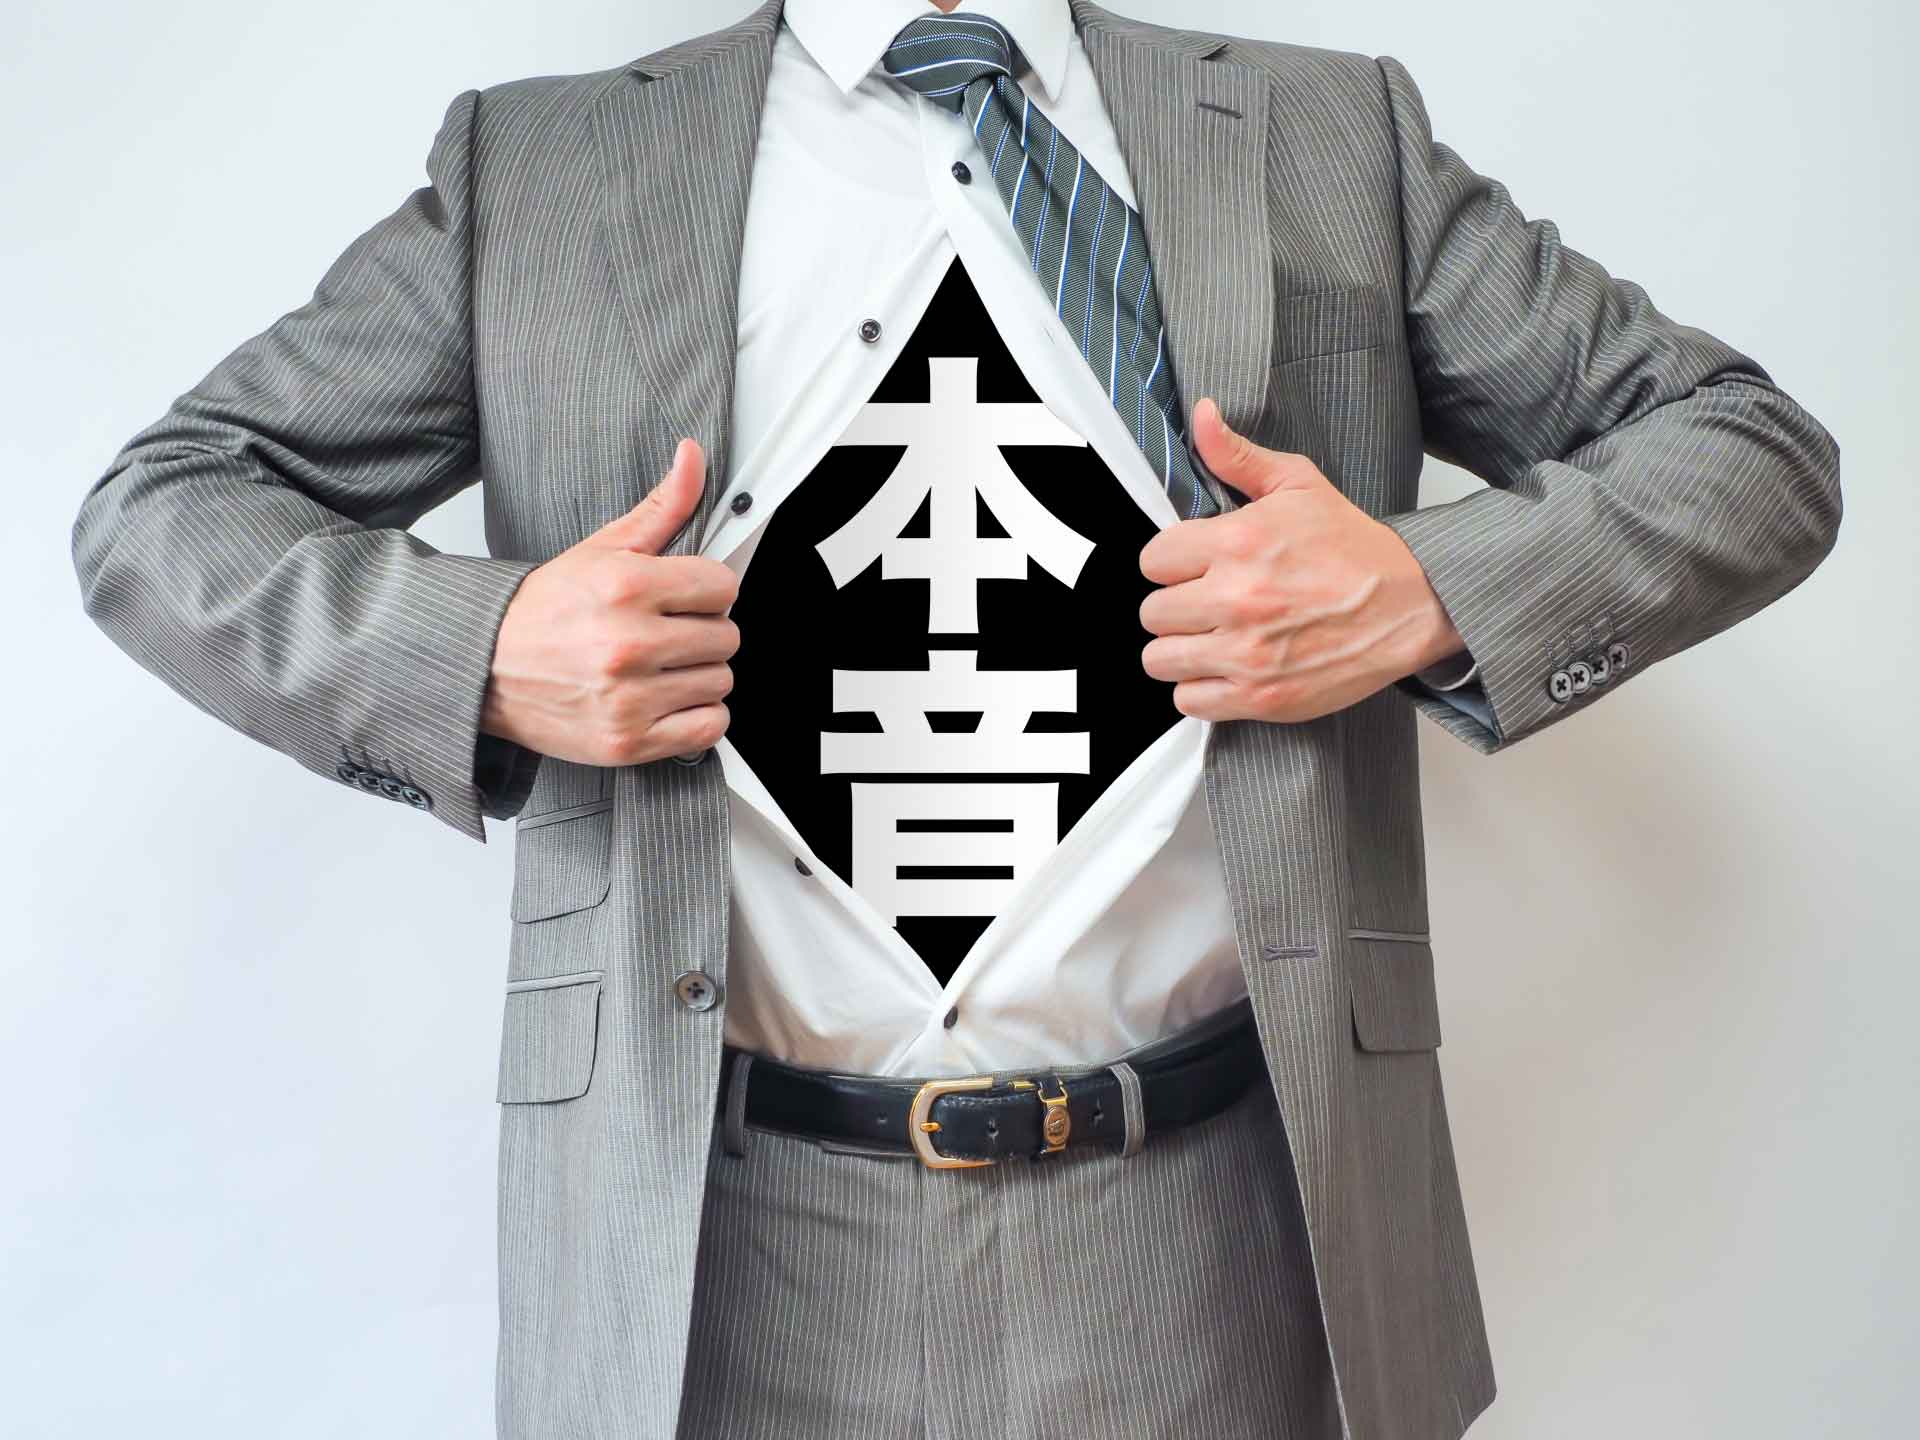 シャツを開いた部分に「本音」と書かれたスーツ姿の男性